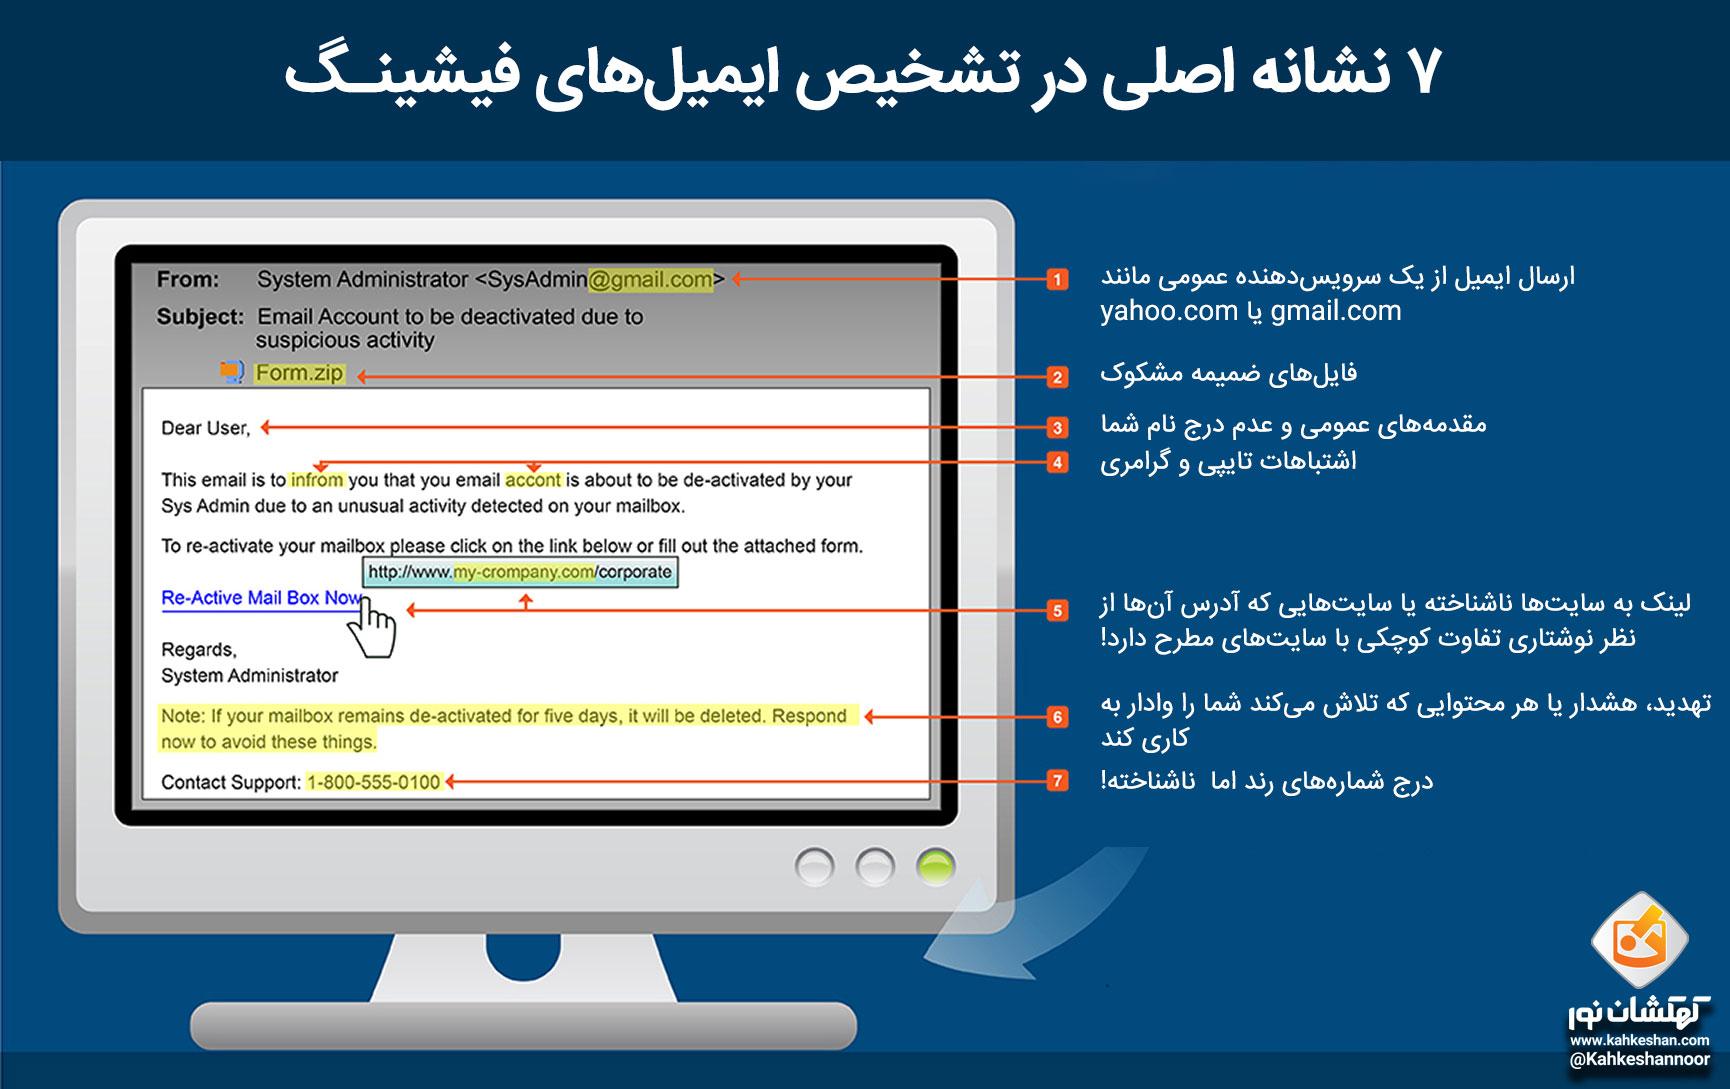 5 روش سریع برای تشخیص ایمیلهای فیشینگ